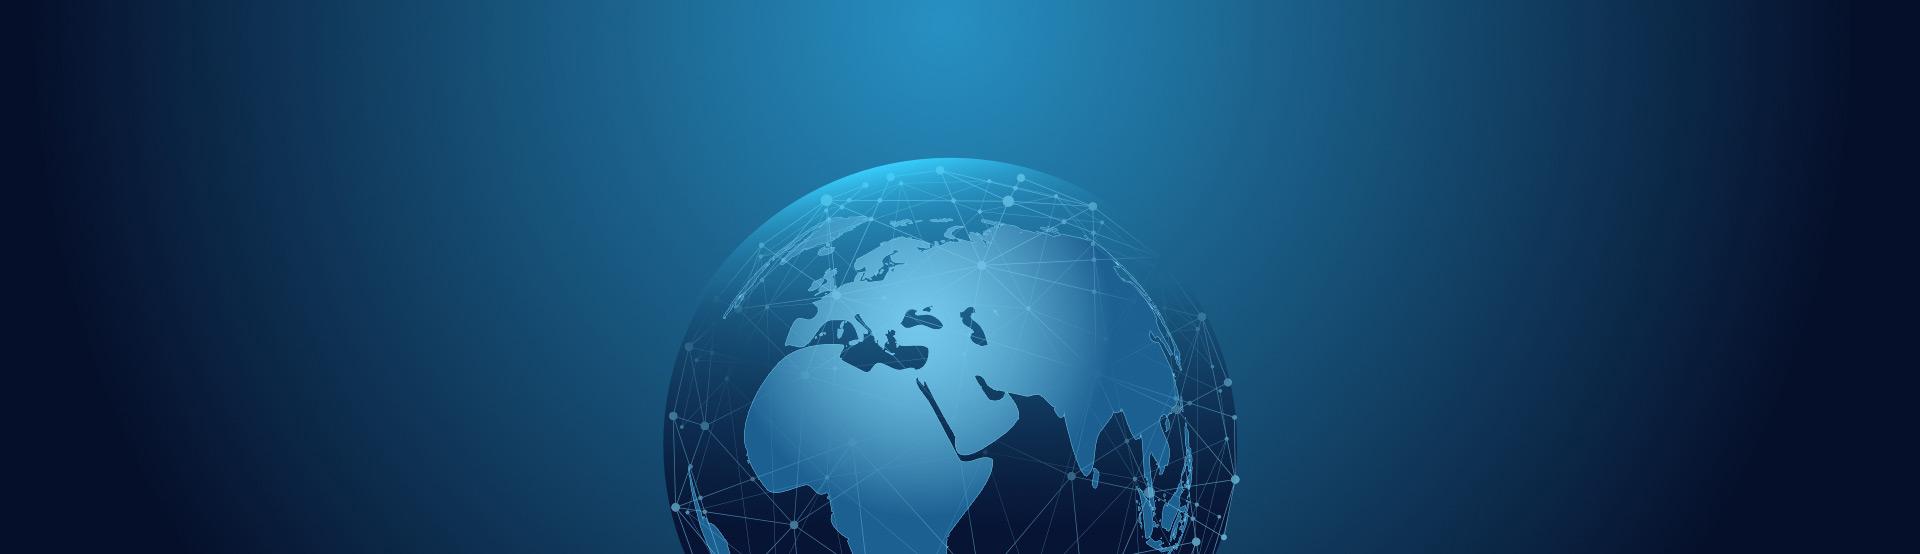 Finden Sie Ihren Ansprechpartner für MWM Gasmotoren und Blockheizkraftwerke weltweit